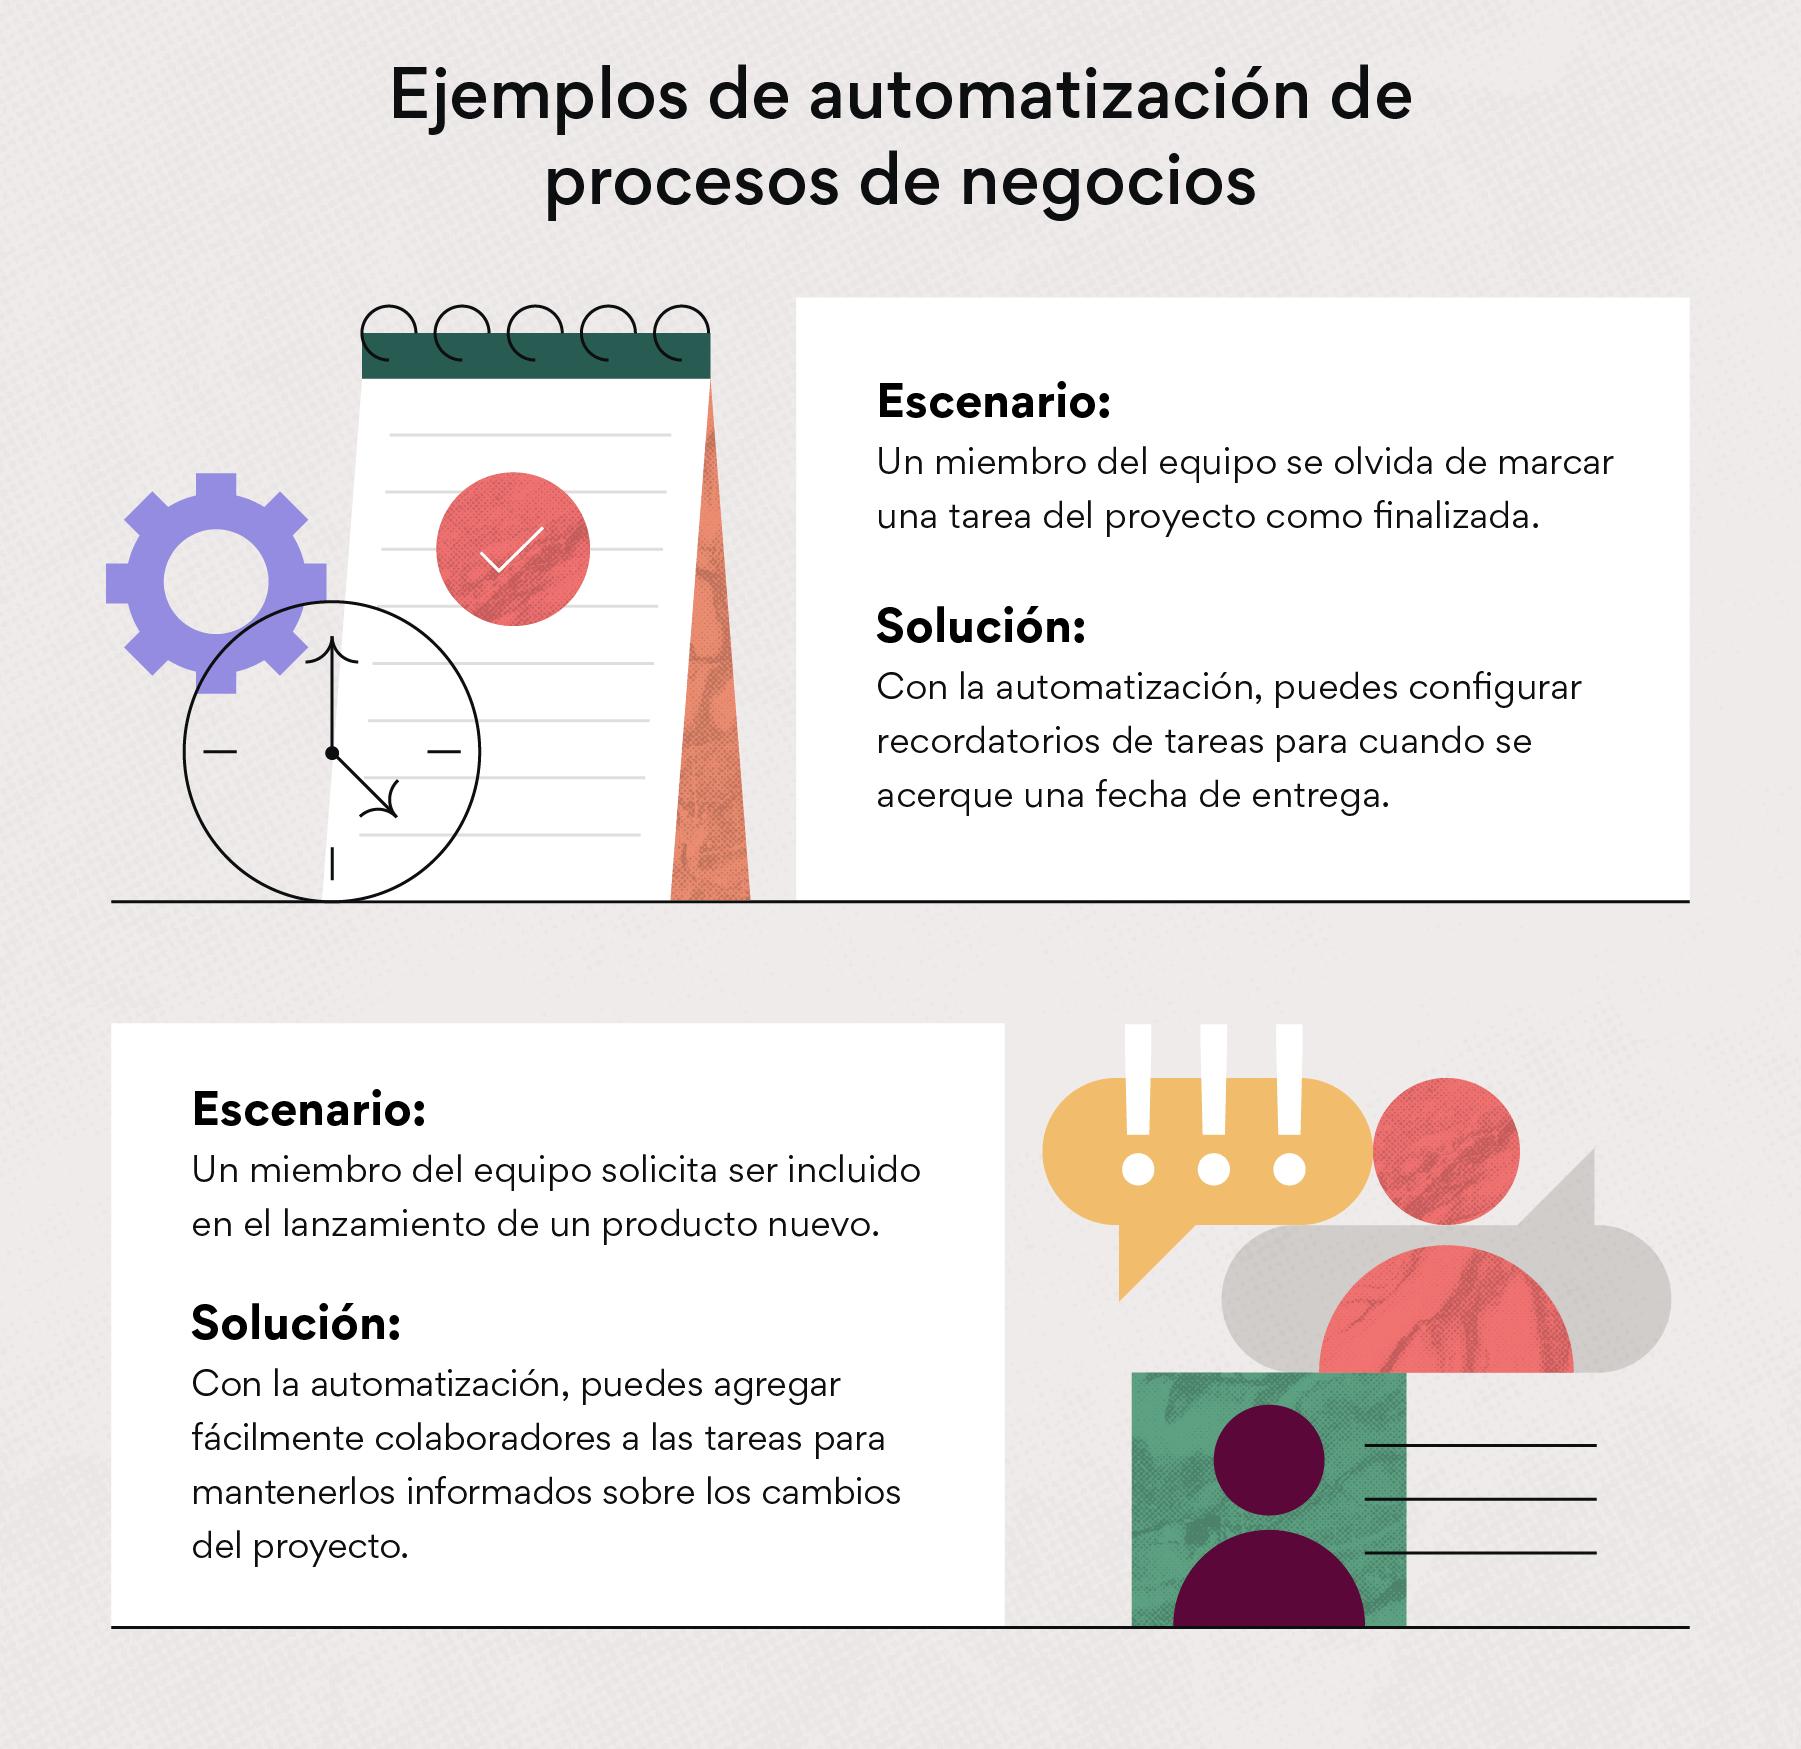 Ejemplos de automatización de procesos de negocios